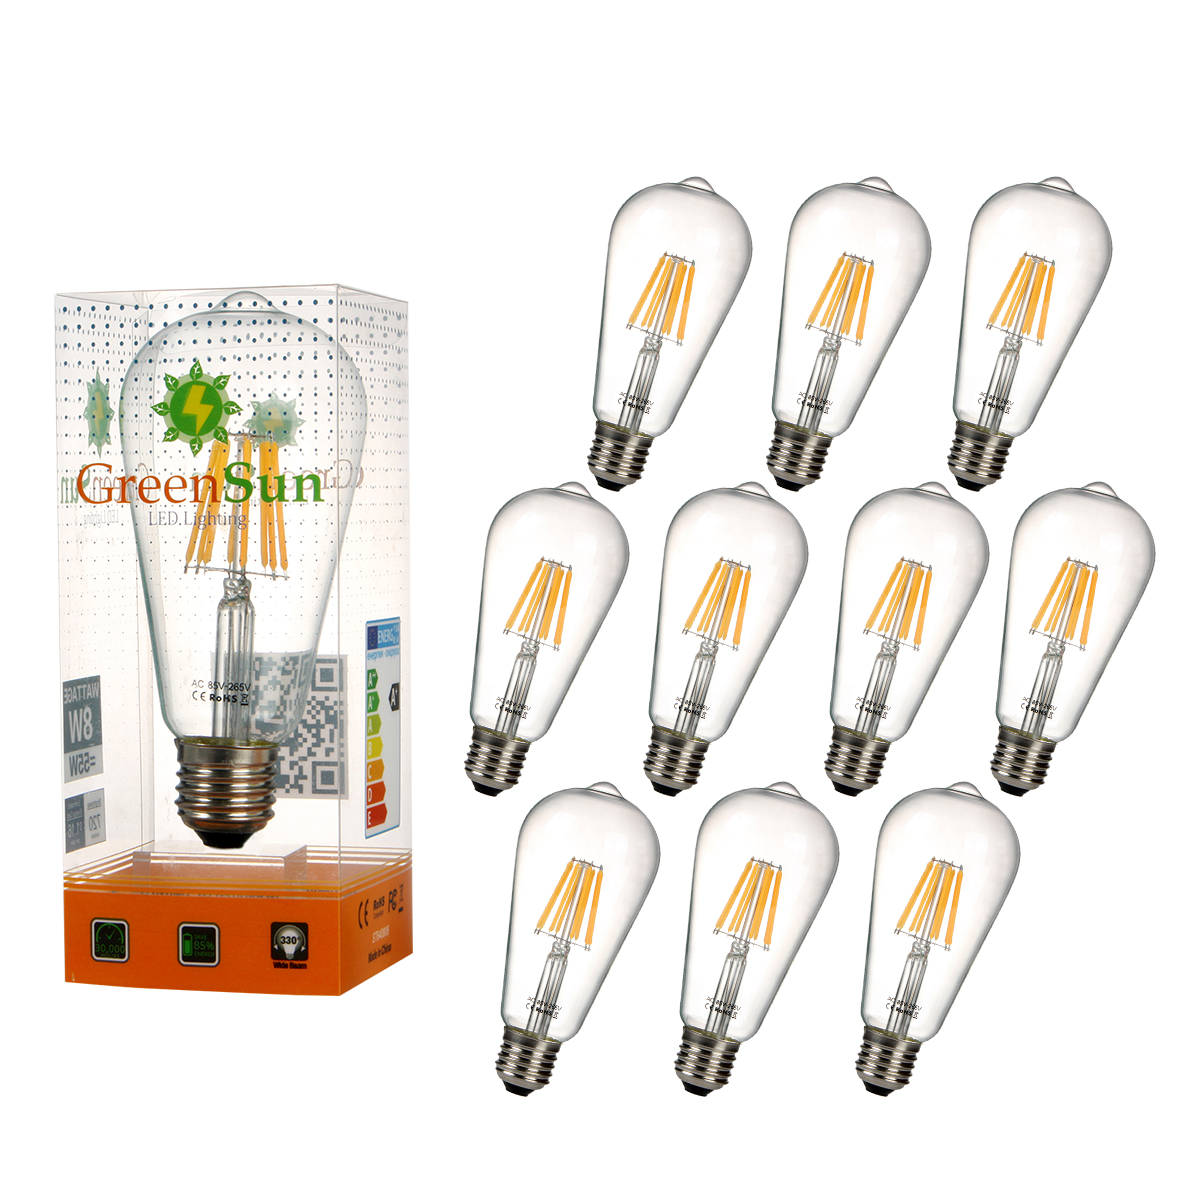 10Pcs E27 8W Edison LED Tungsten filament Filament Light Candle Lamp Energy Saving Bulb Warm White 50pcs retro vintage edison e14 led bulb st45 2w led filament glass light lamp warm white energy saving lamps light ac220v